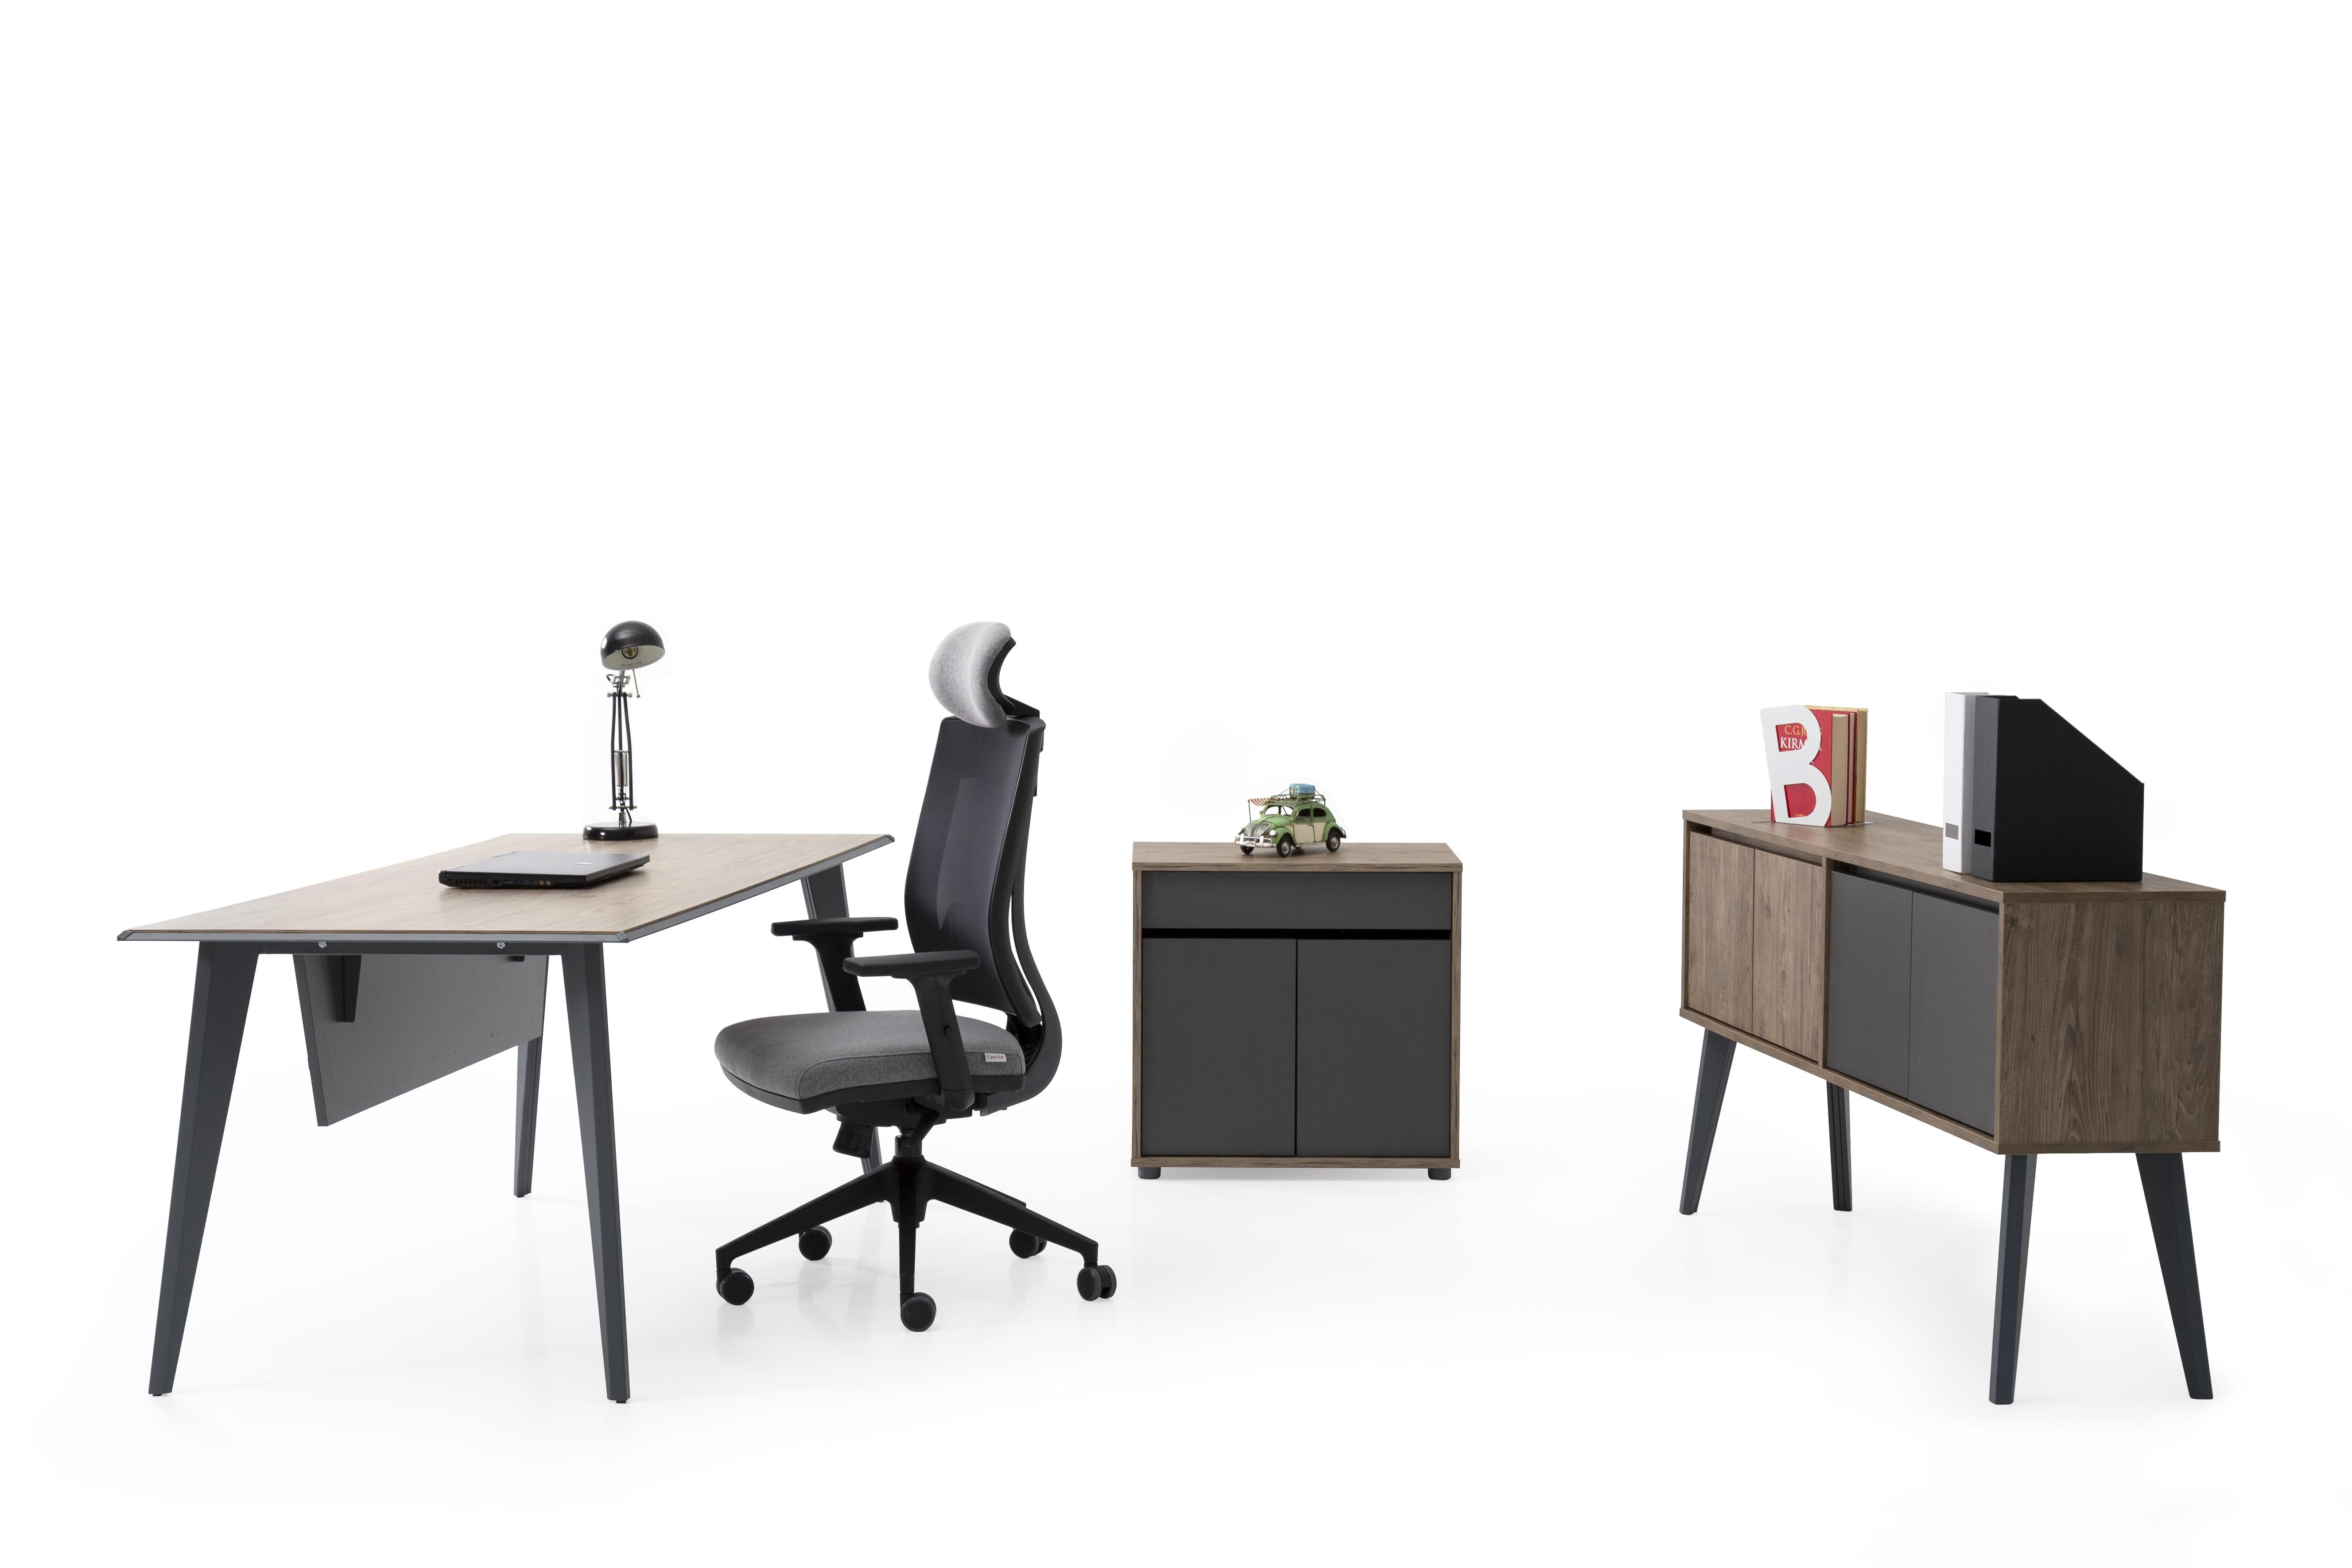 Ovali Schreibtisch Set 3-teilig Eco L2 Grau 180x80 cm